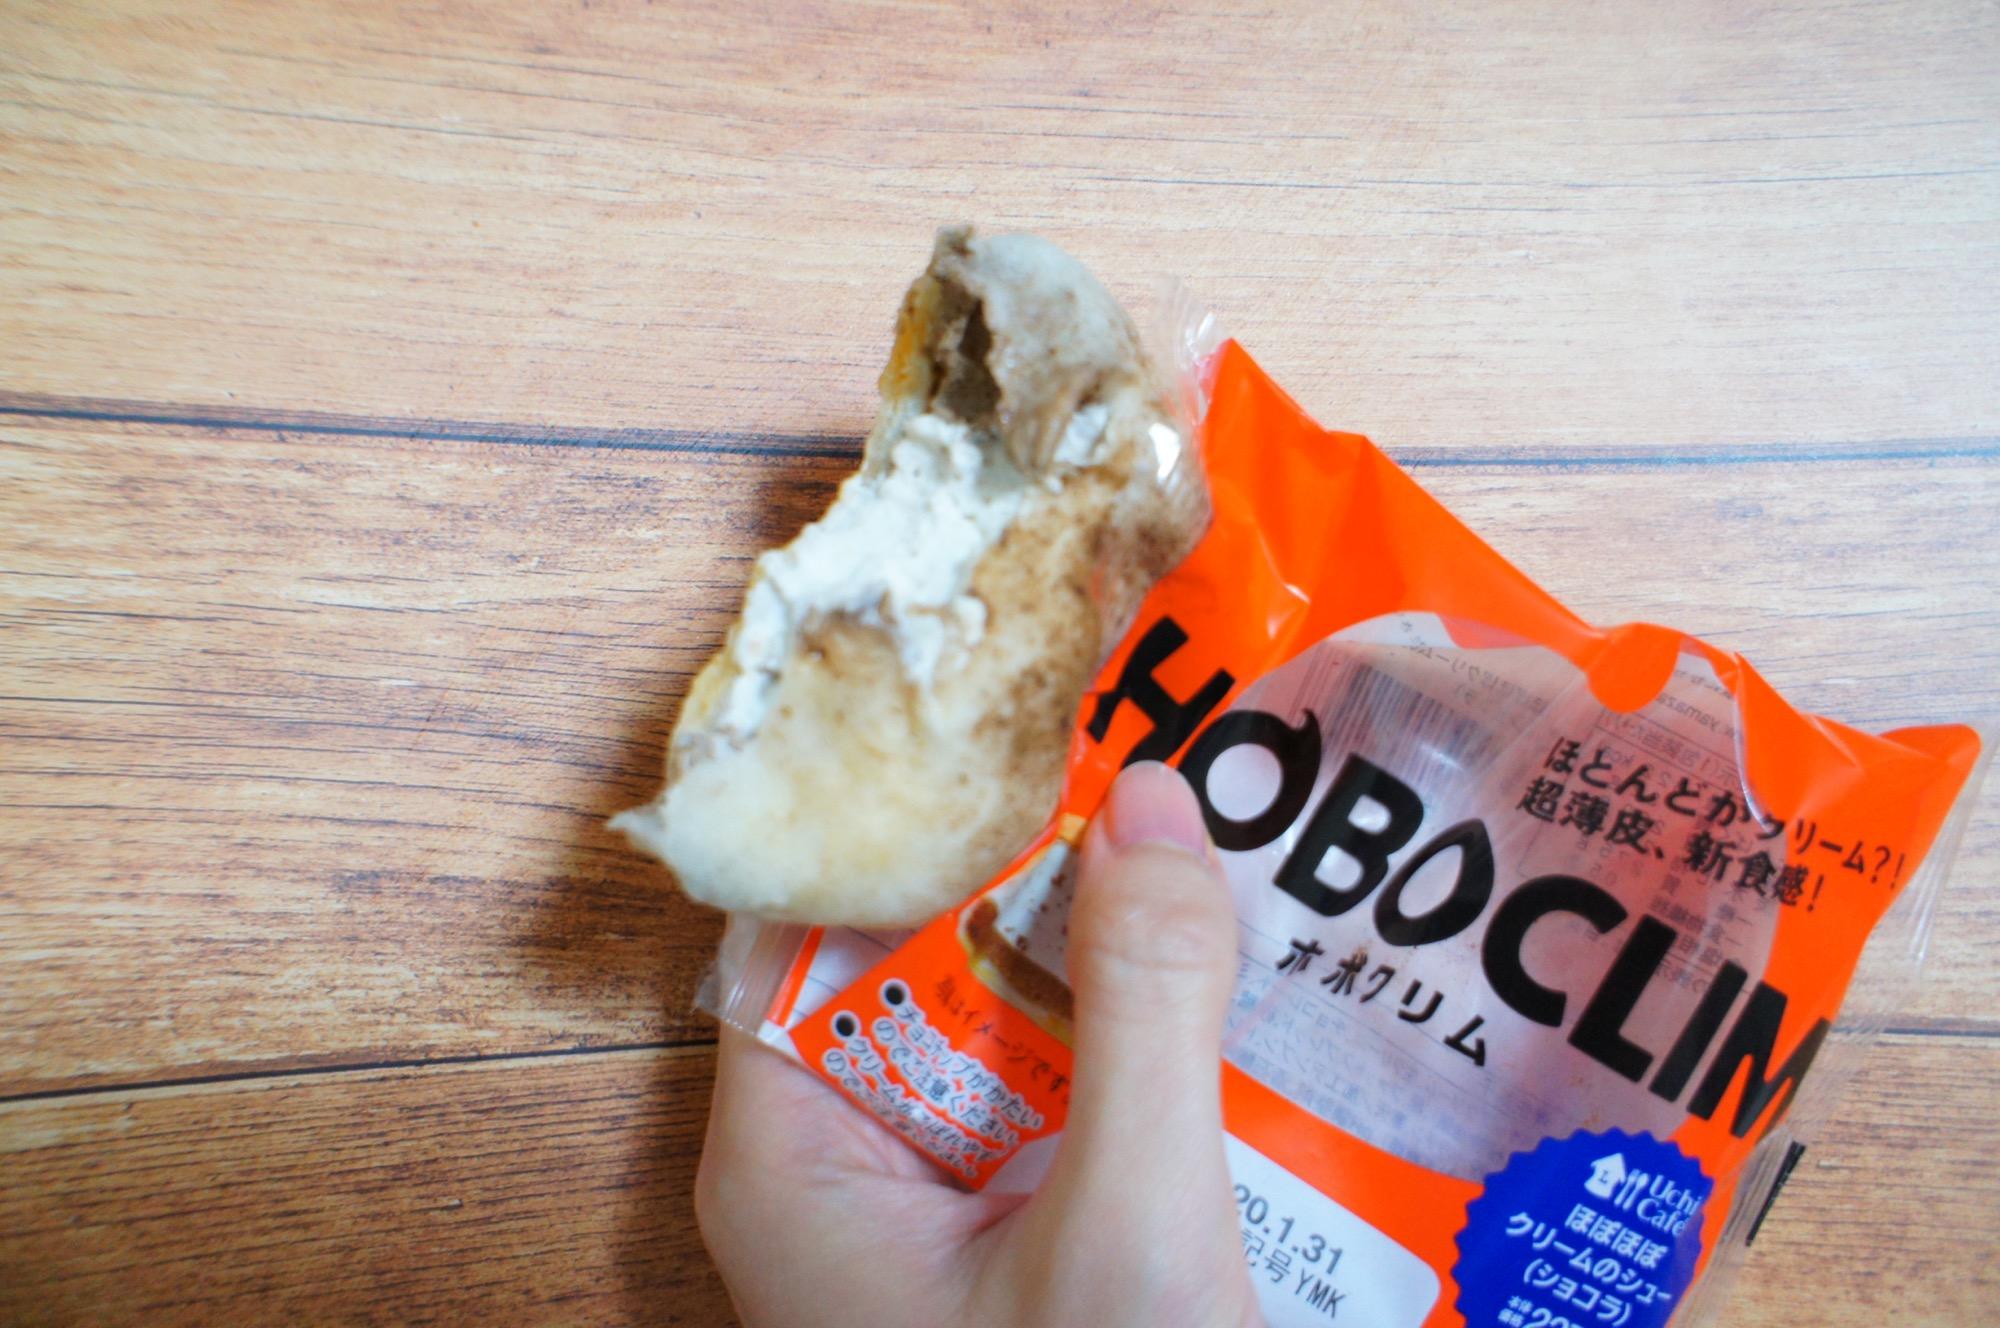 《あの大人気シリーズがショコラ味に変身❤️》【ローソン】HOBOCLIM(ホボクリム)を食べてみました☻_3